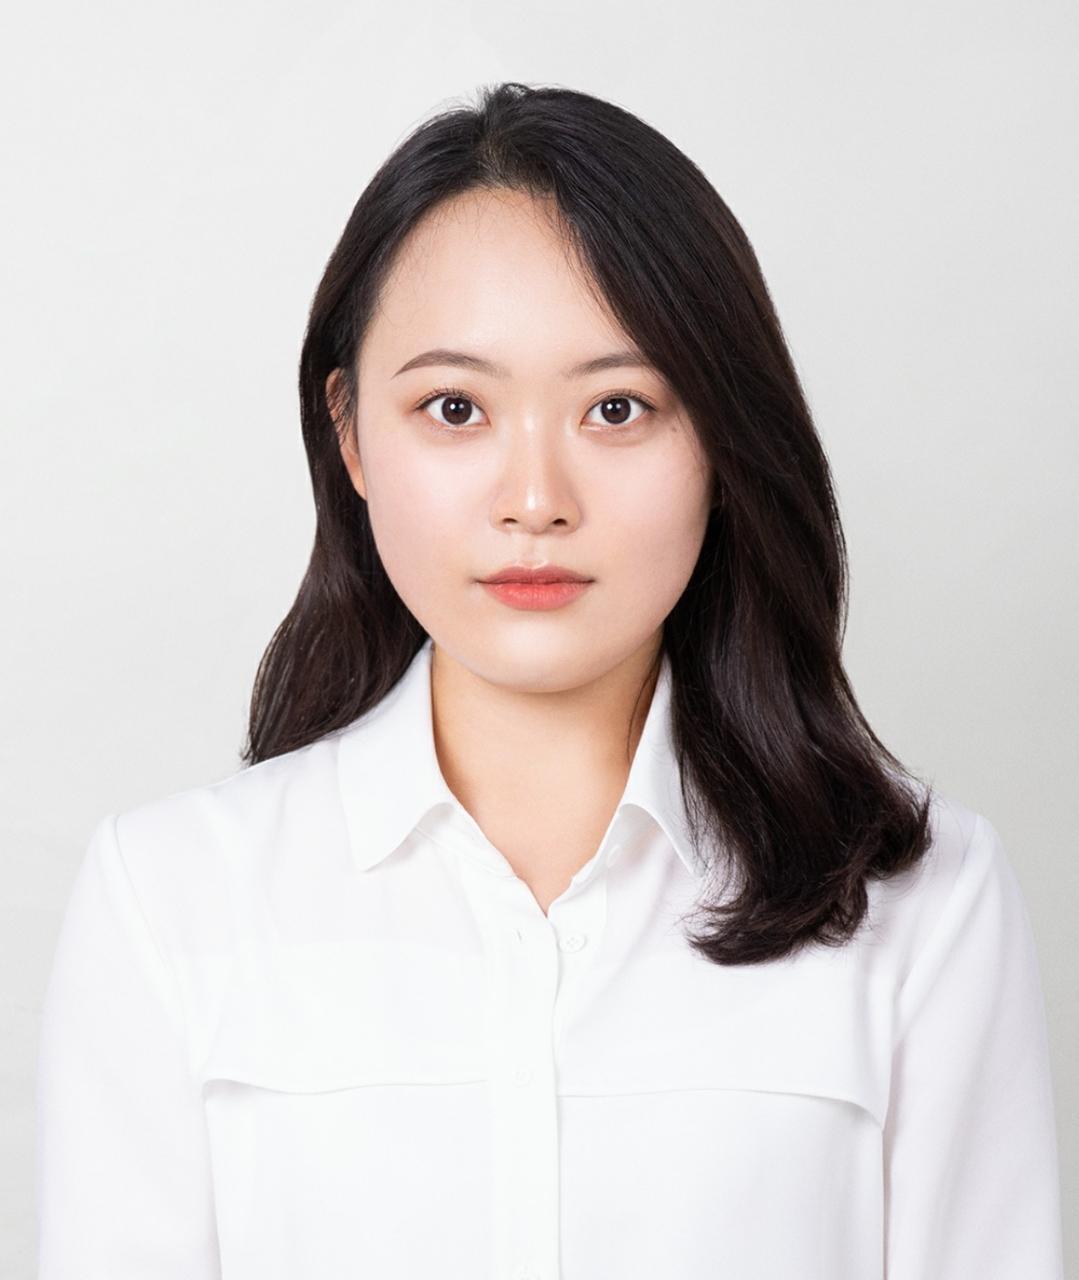 김재현 하나은행 상속증여센터 공인회계사